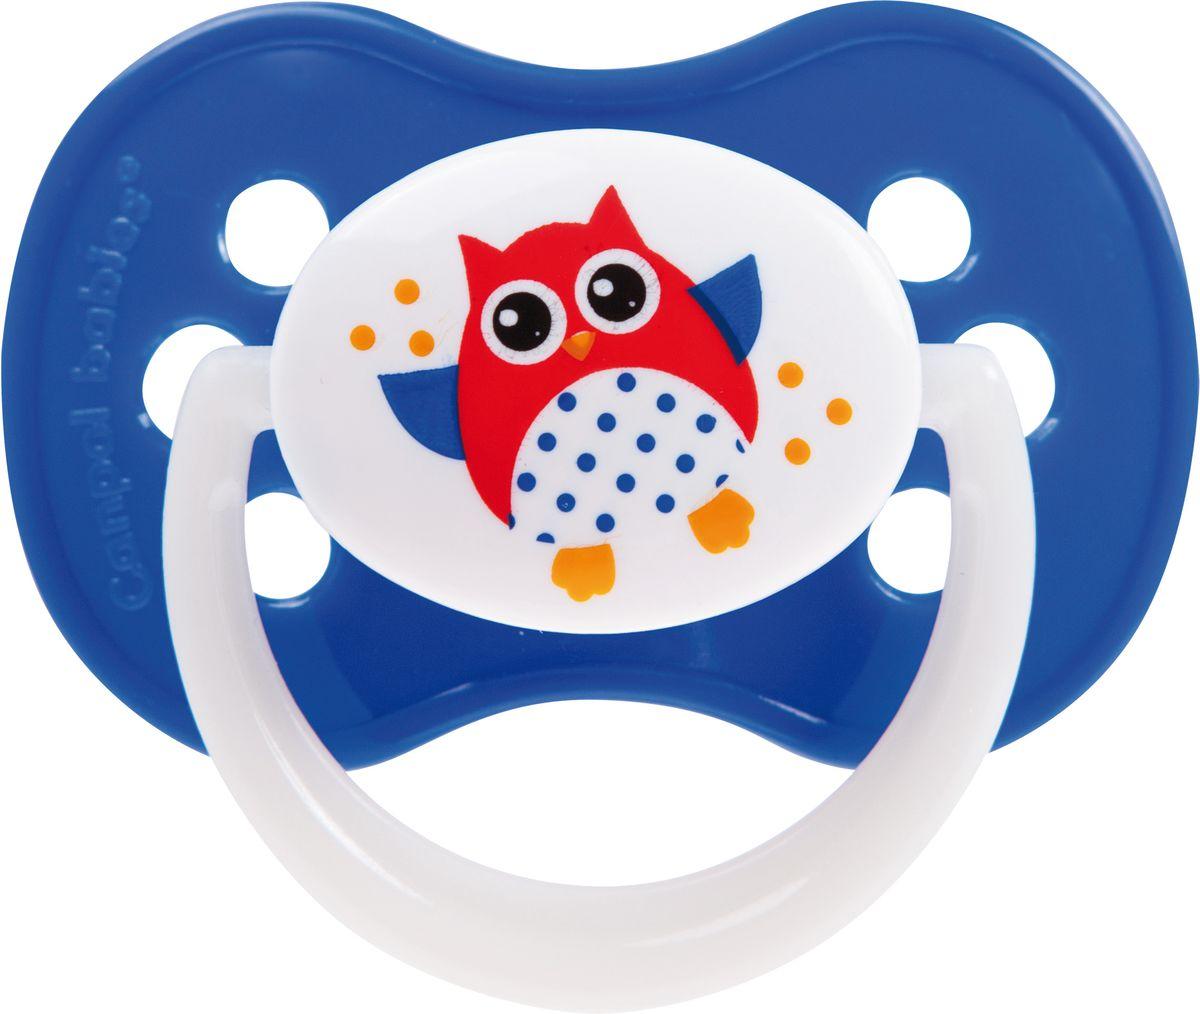 Canpol Babies Пустышка силиконовая симметричная Owl от 0 до 6 месяцев цвет синий